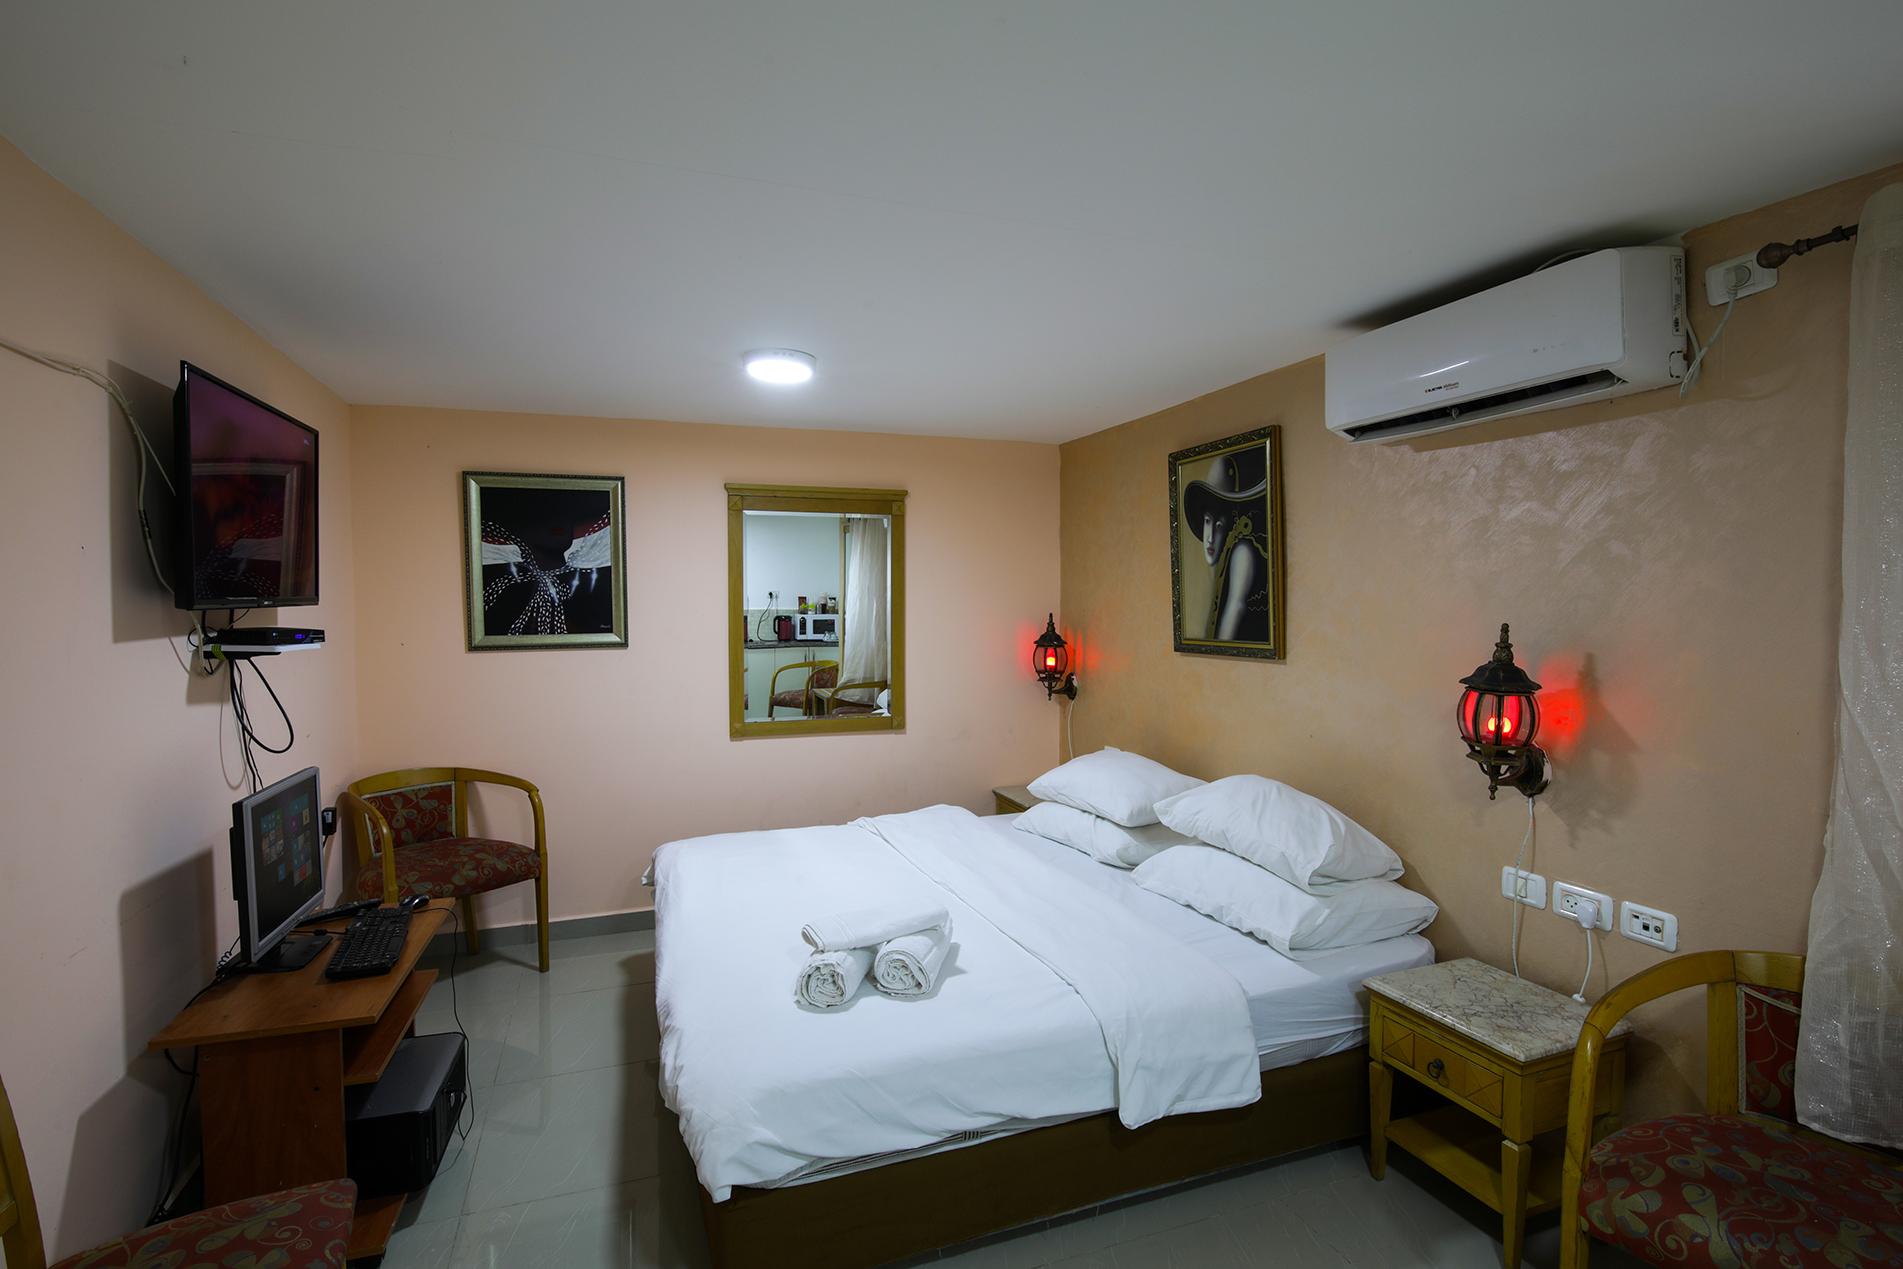 חדרים לפי שעה לזוגות בירושלים 052-9124470